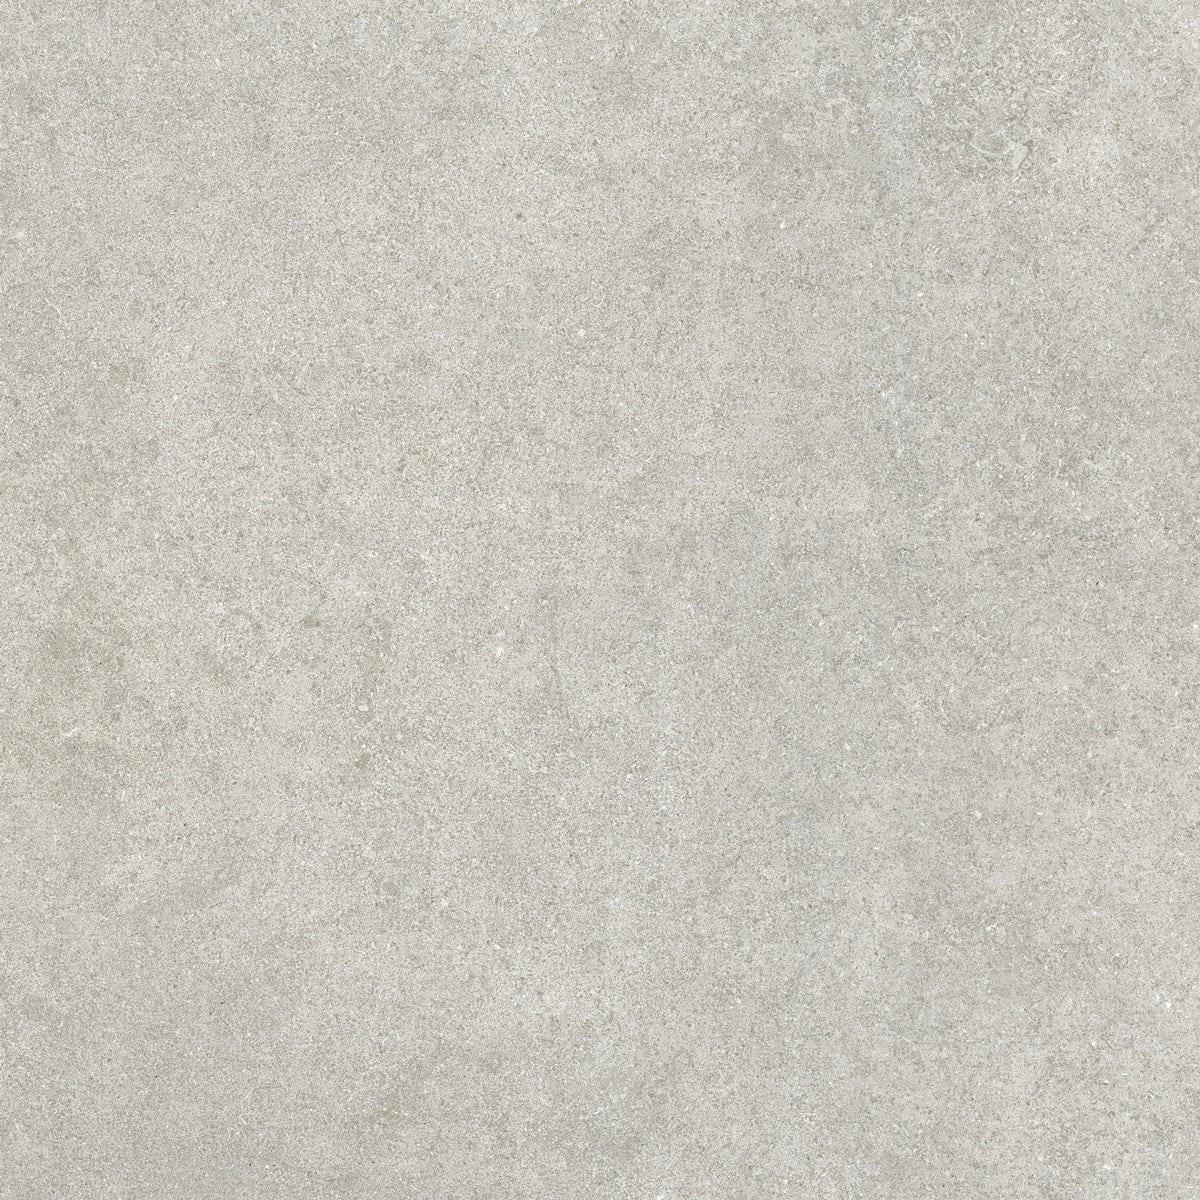 Fontana light grey flat stone effect matt wall and floor